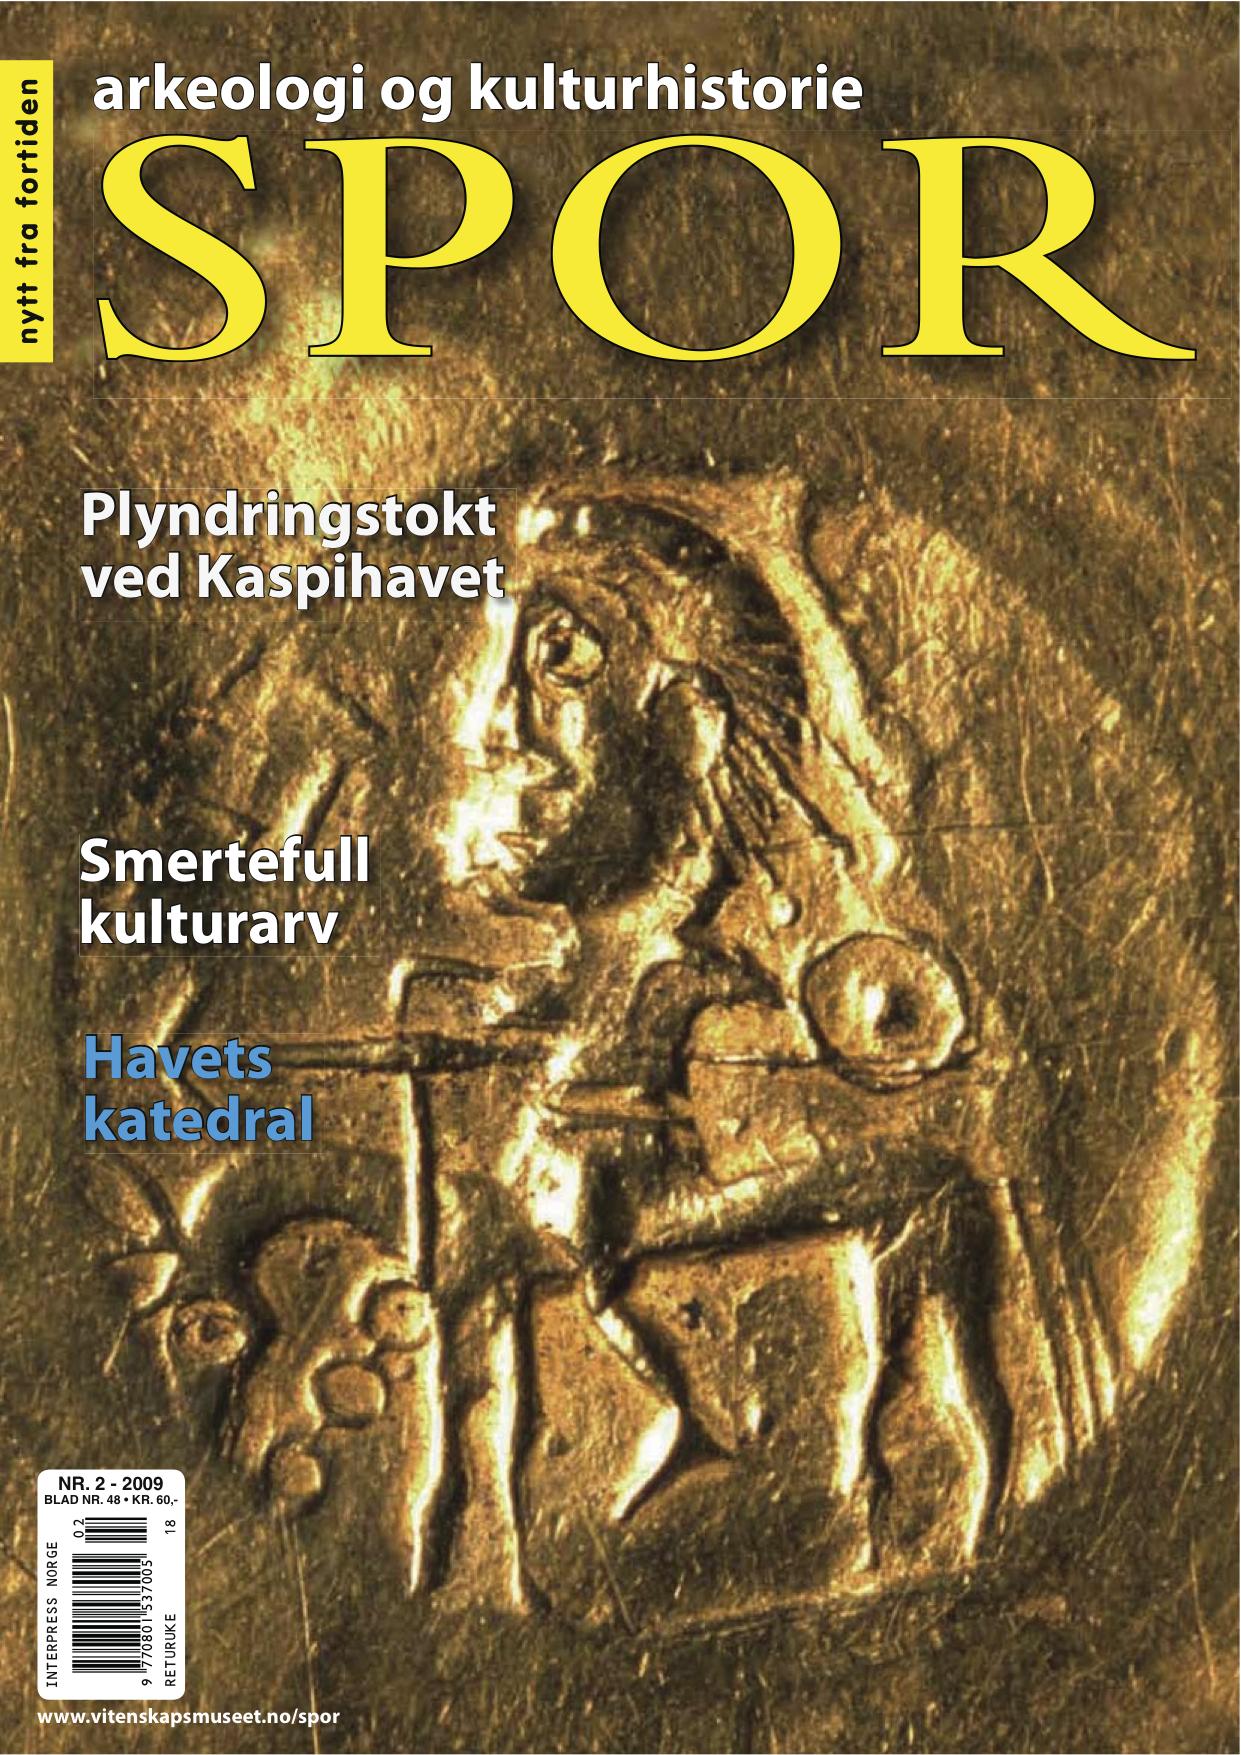 Forside SPOR 2-2009